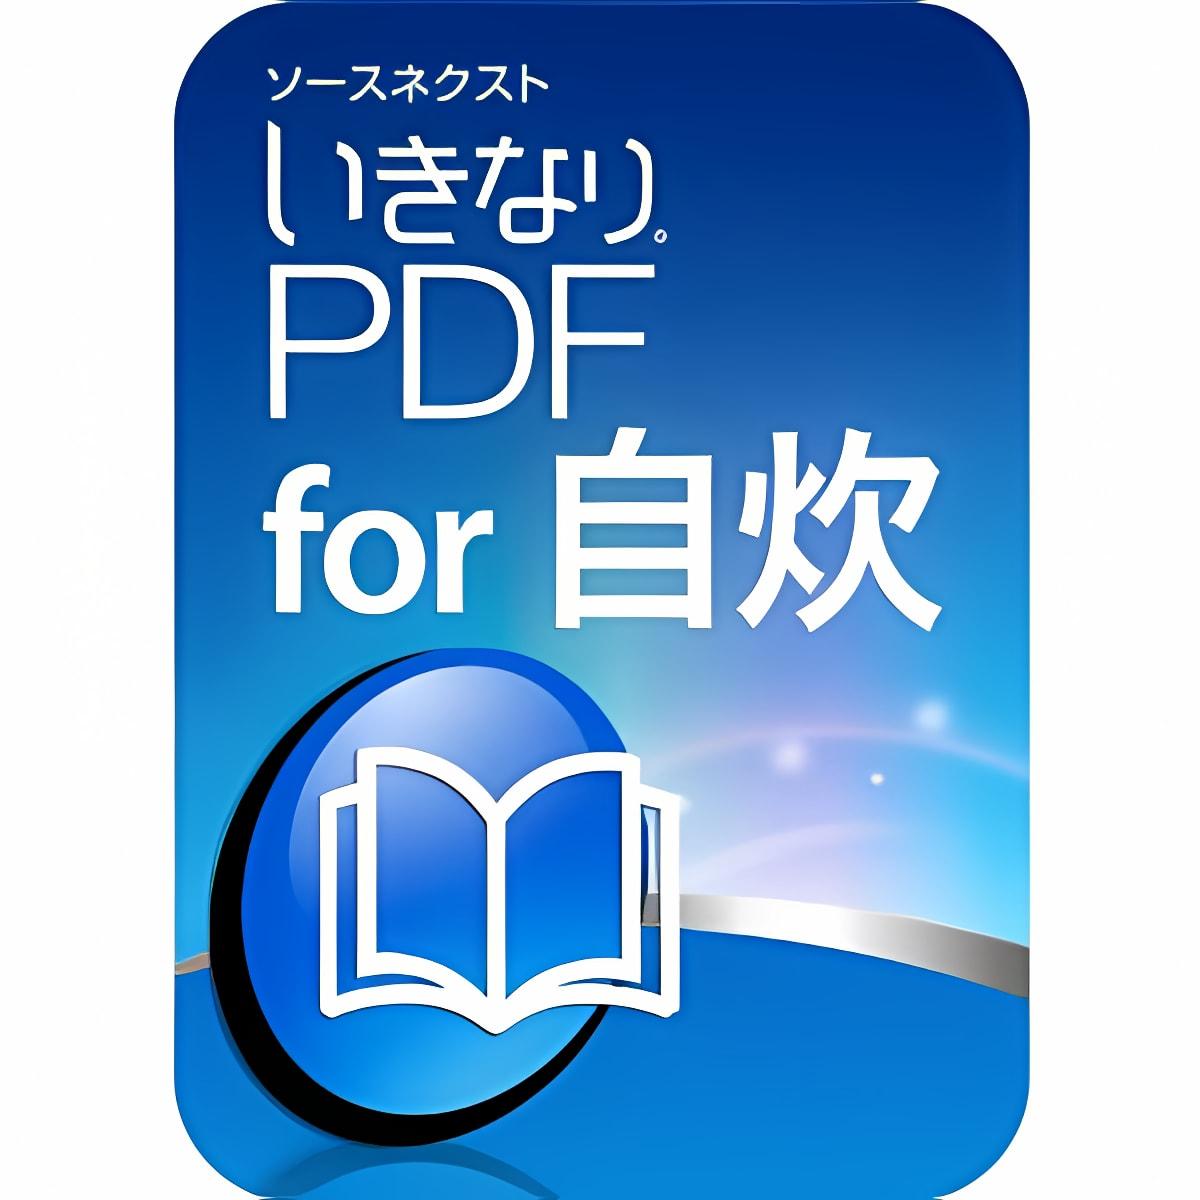 いきなり®PDF for 自炊®